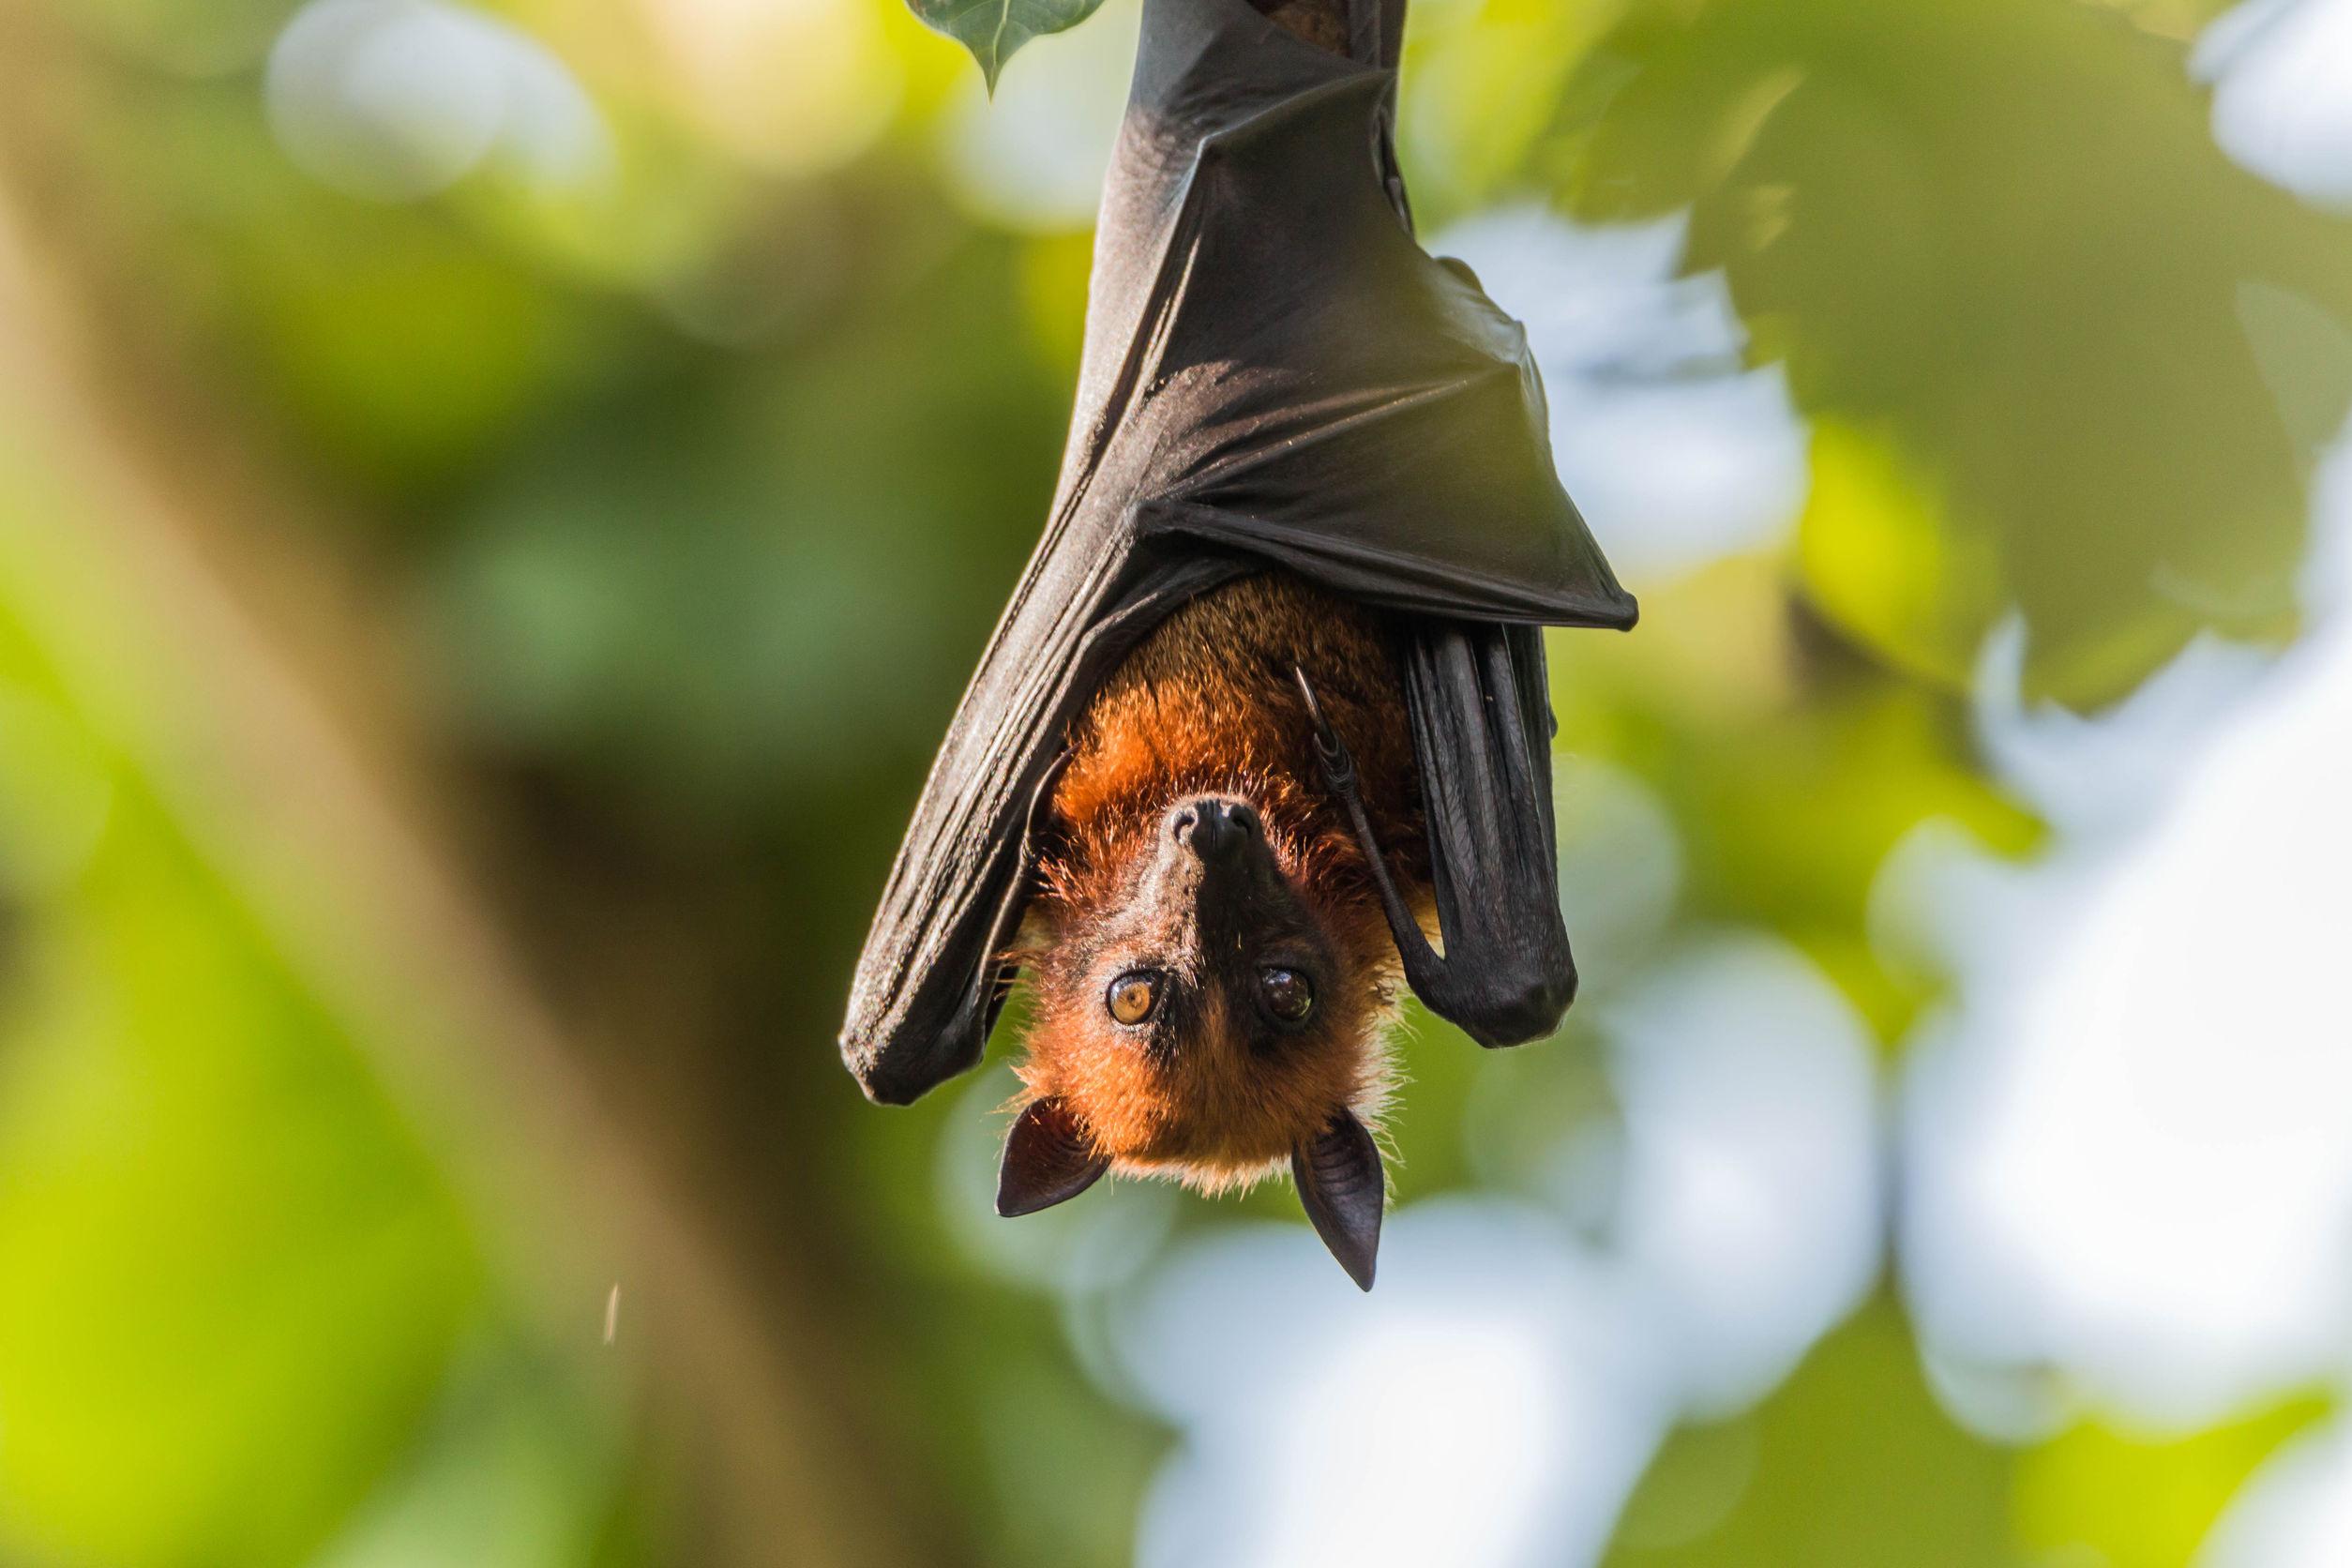 bat removal in alexandria va